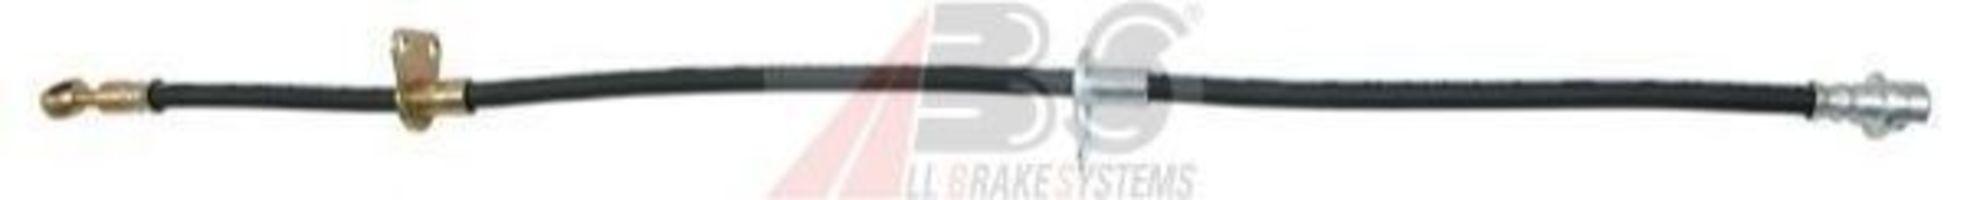 Шланг тормозной A.B.S. SL 5601